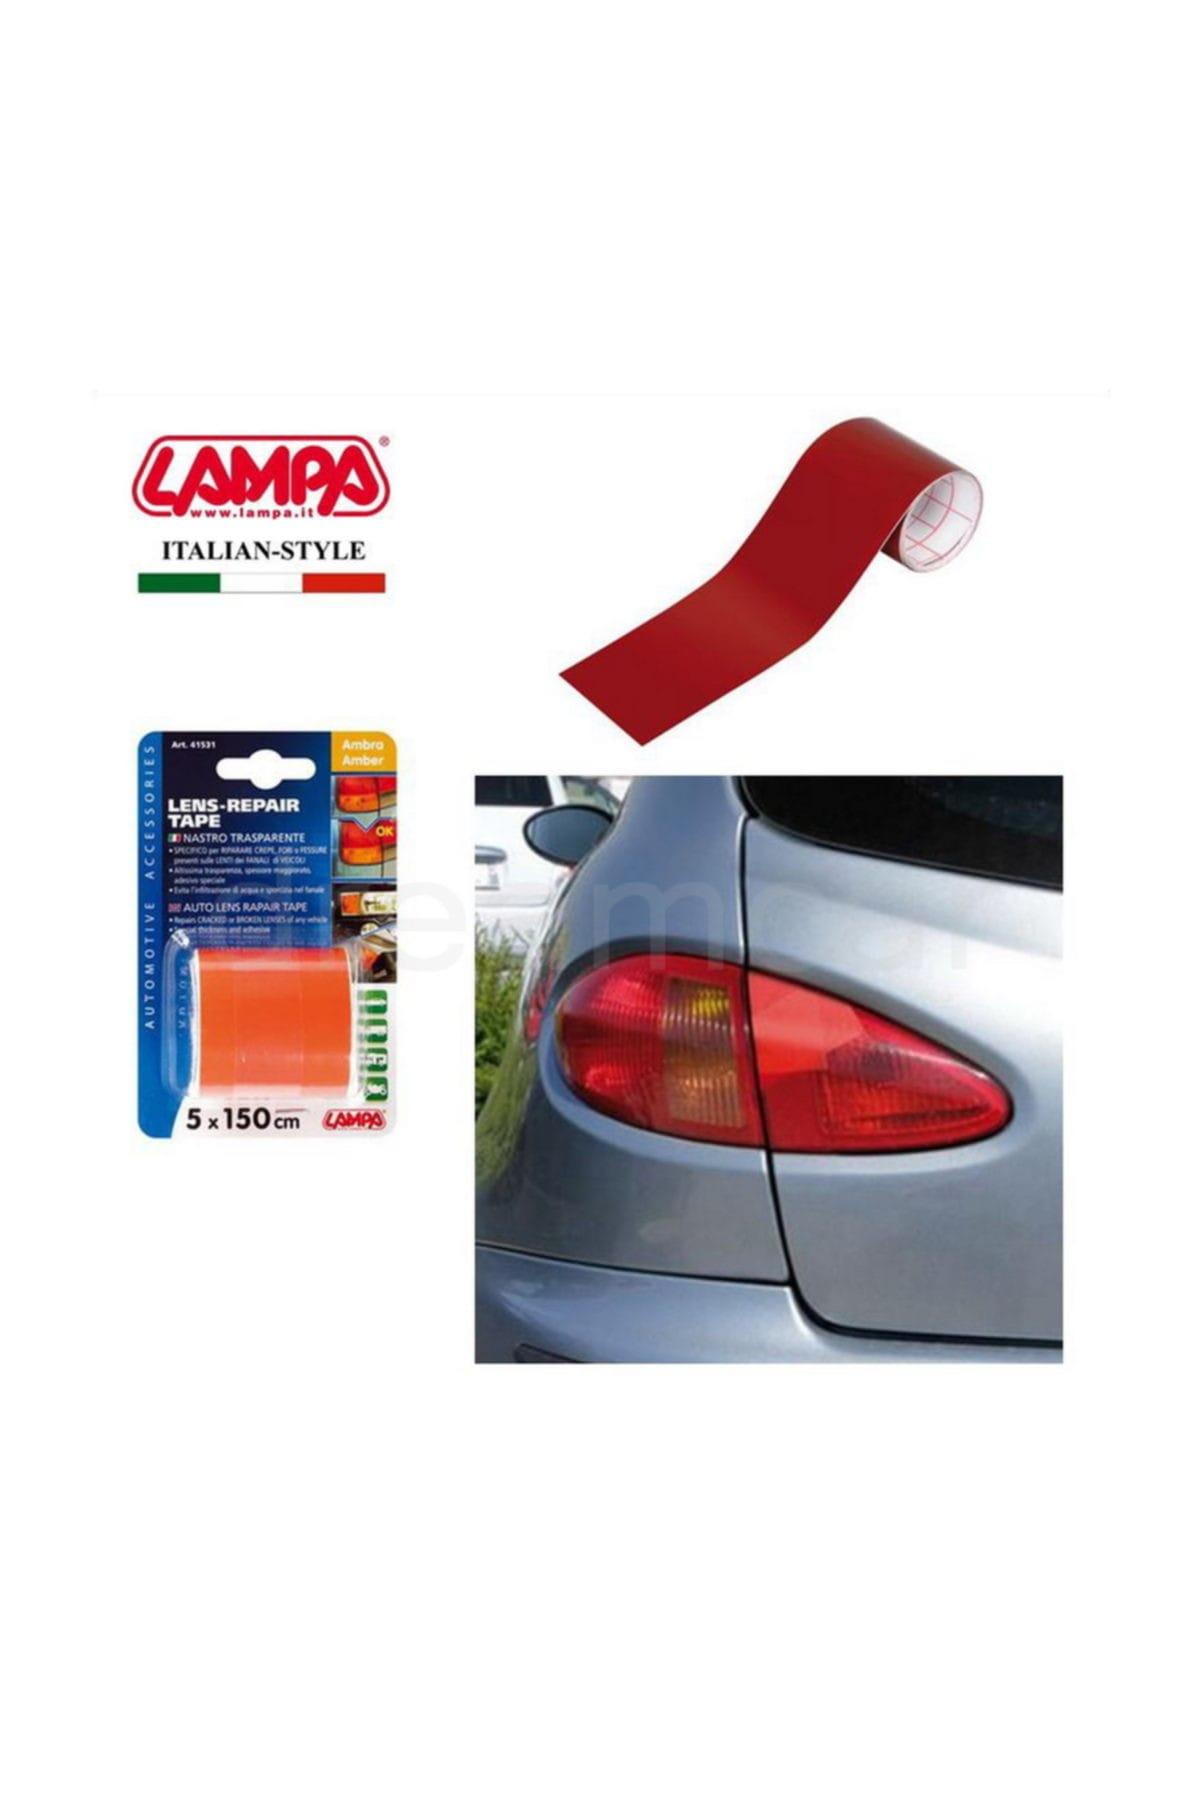 Lampa Sinyal,Stop Tamir Edici Kırmızı Transpan Bant 5x150cm 41532 1